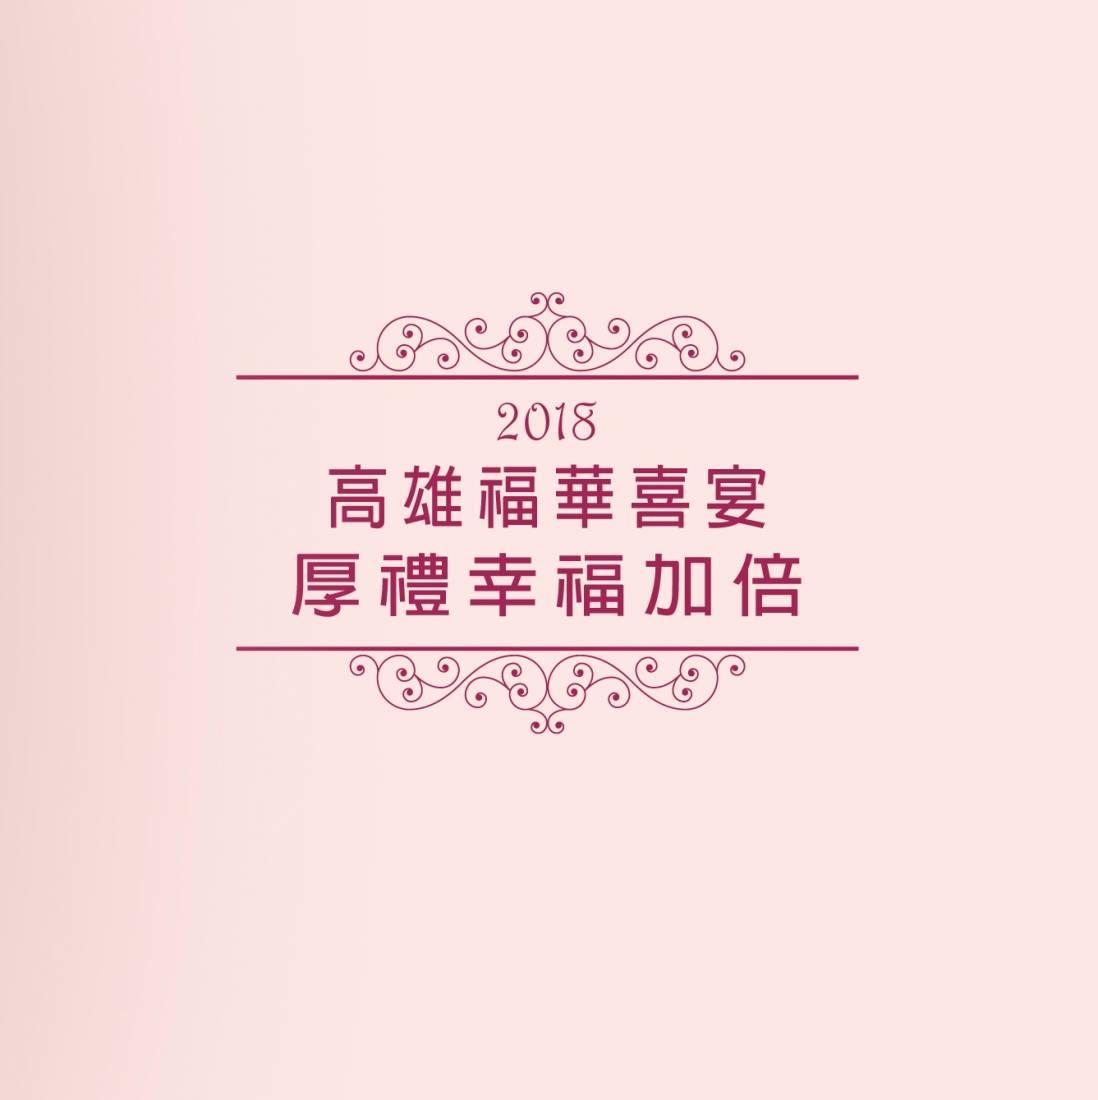 2018喜宴推廣加碼dm1